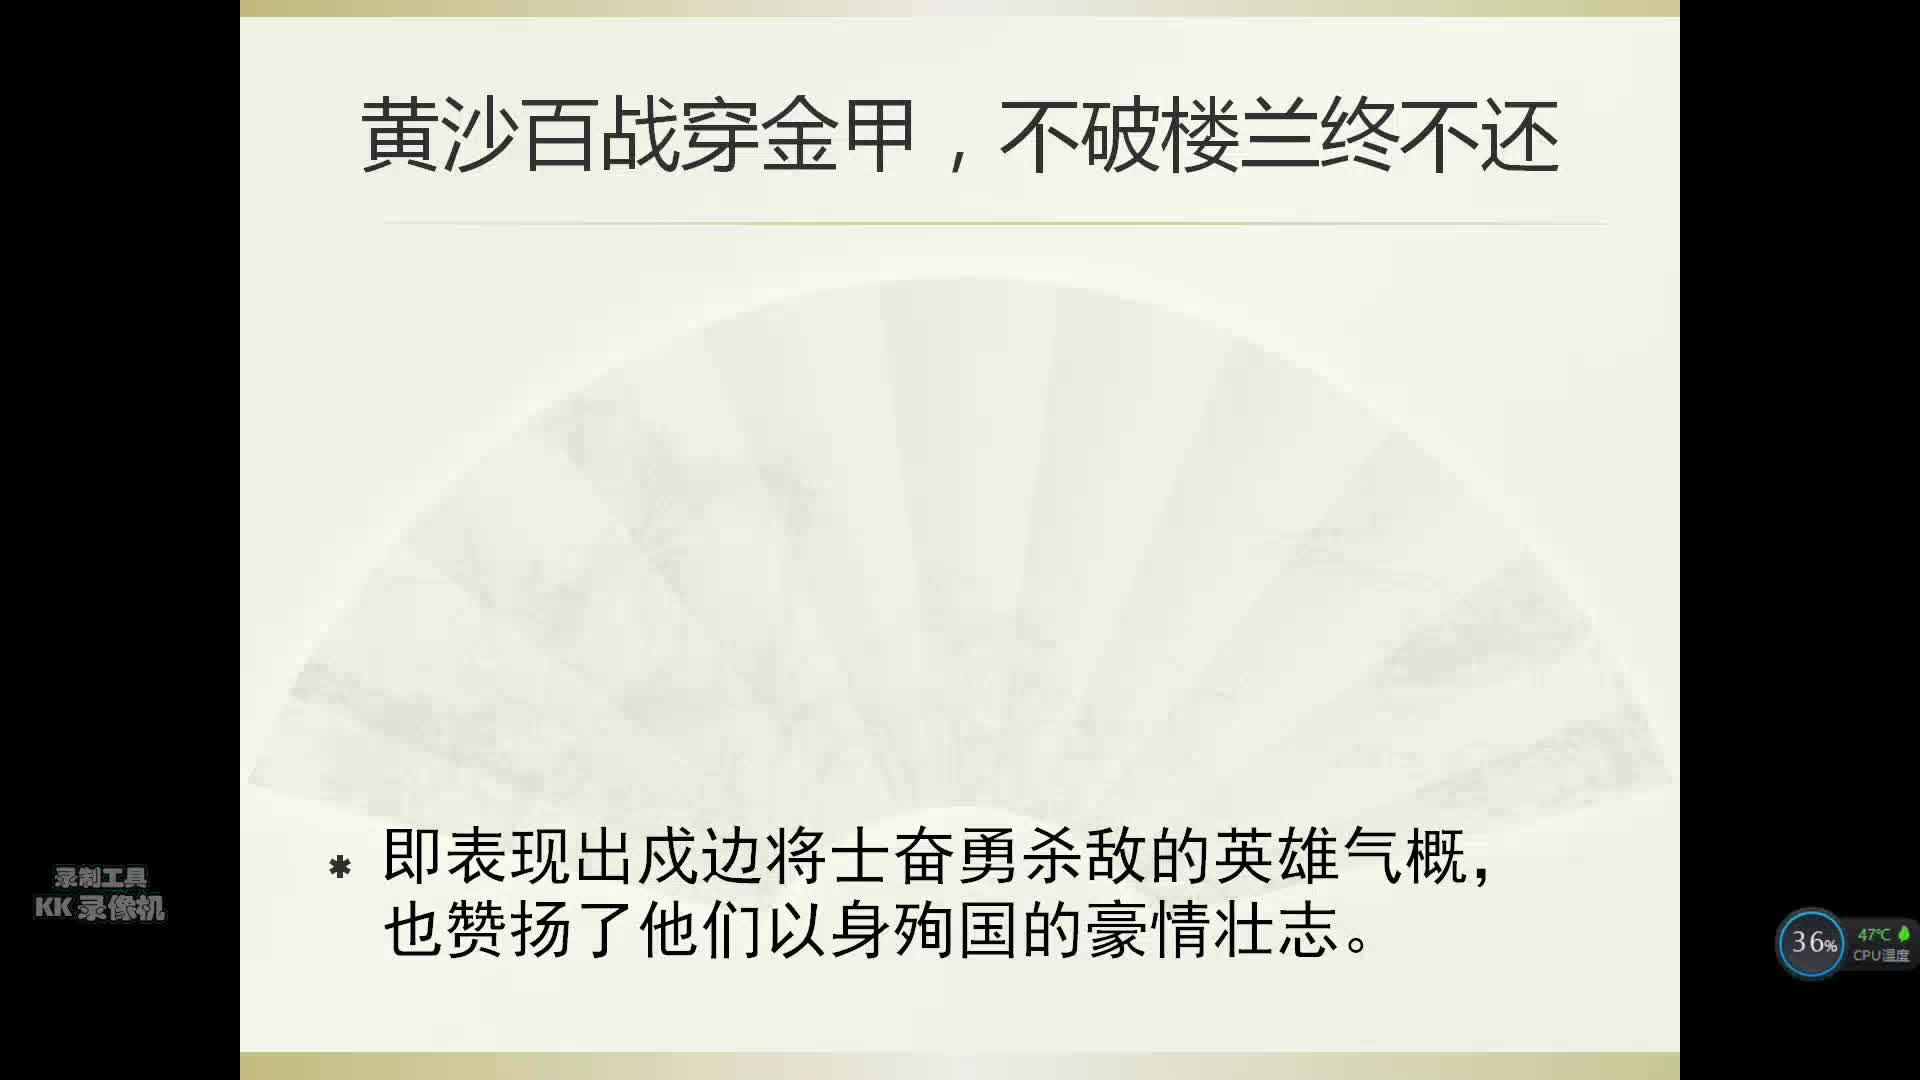 部编版 七年级语文下册:边塞诗的鉴赏方法-视频微课堂